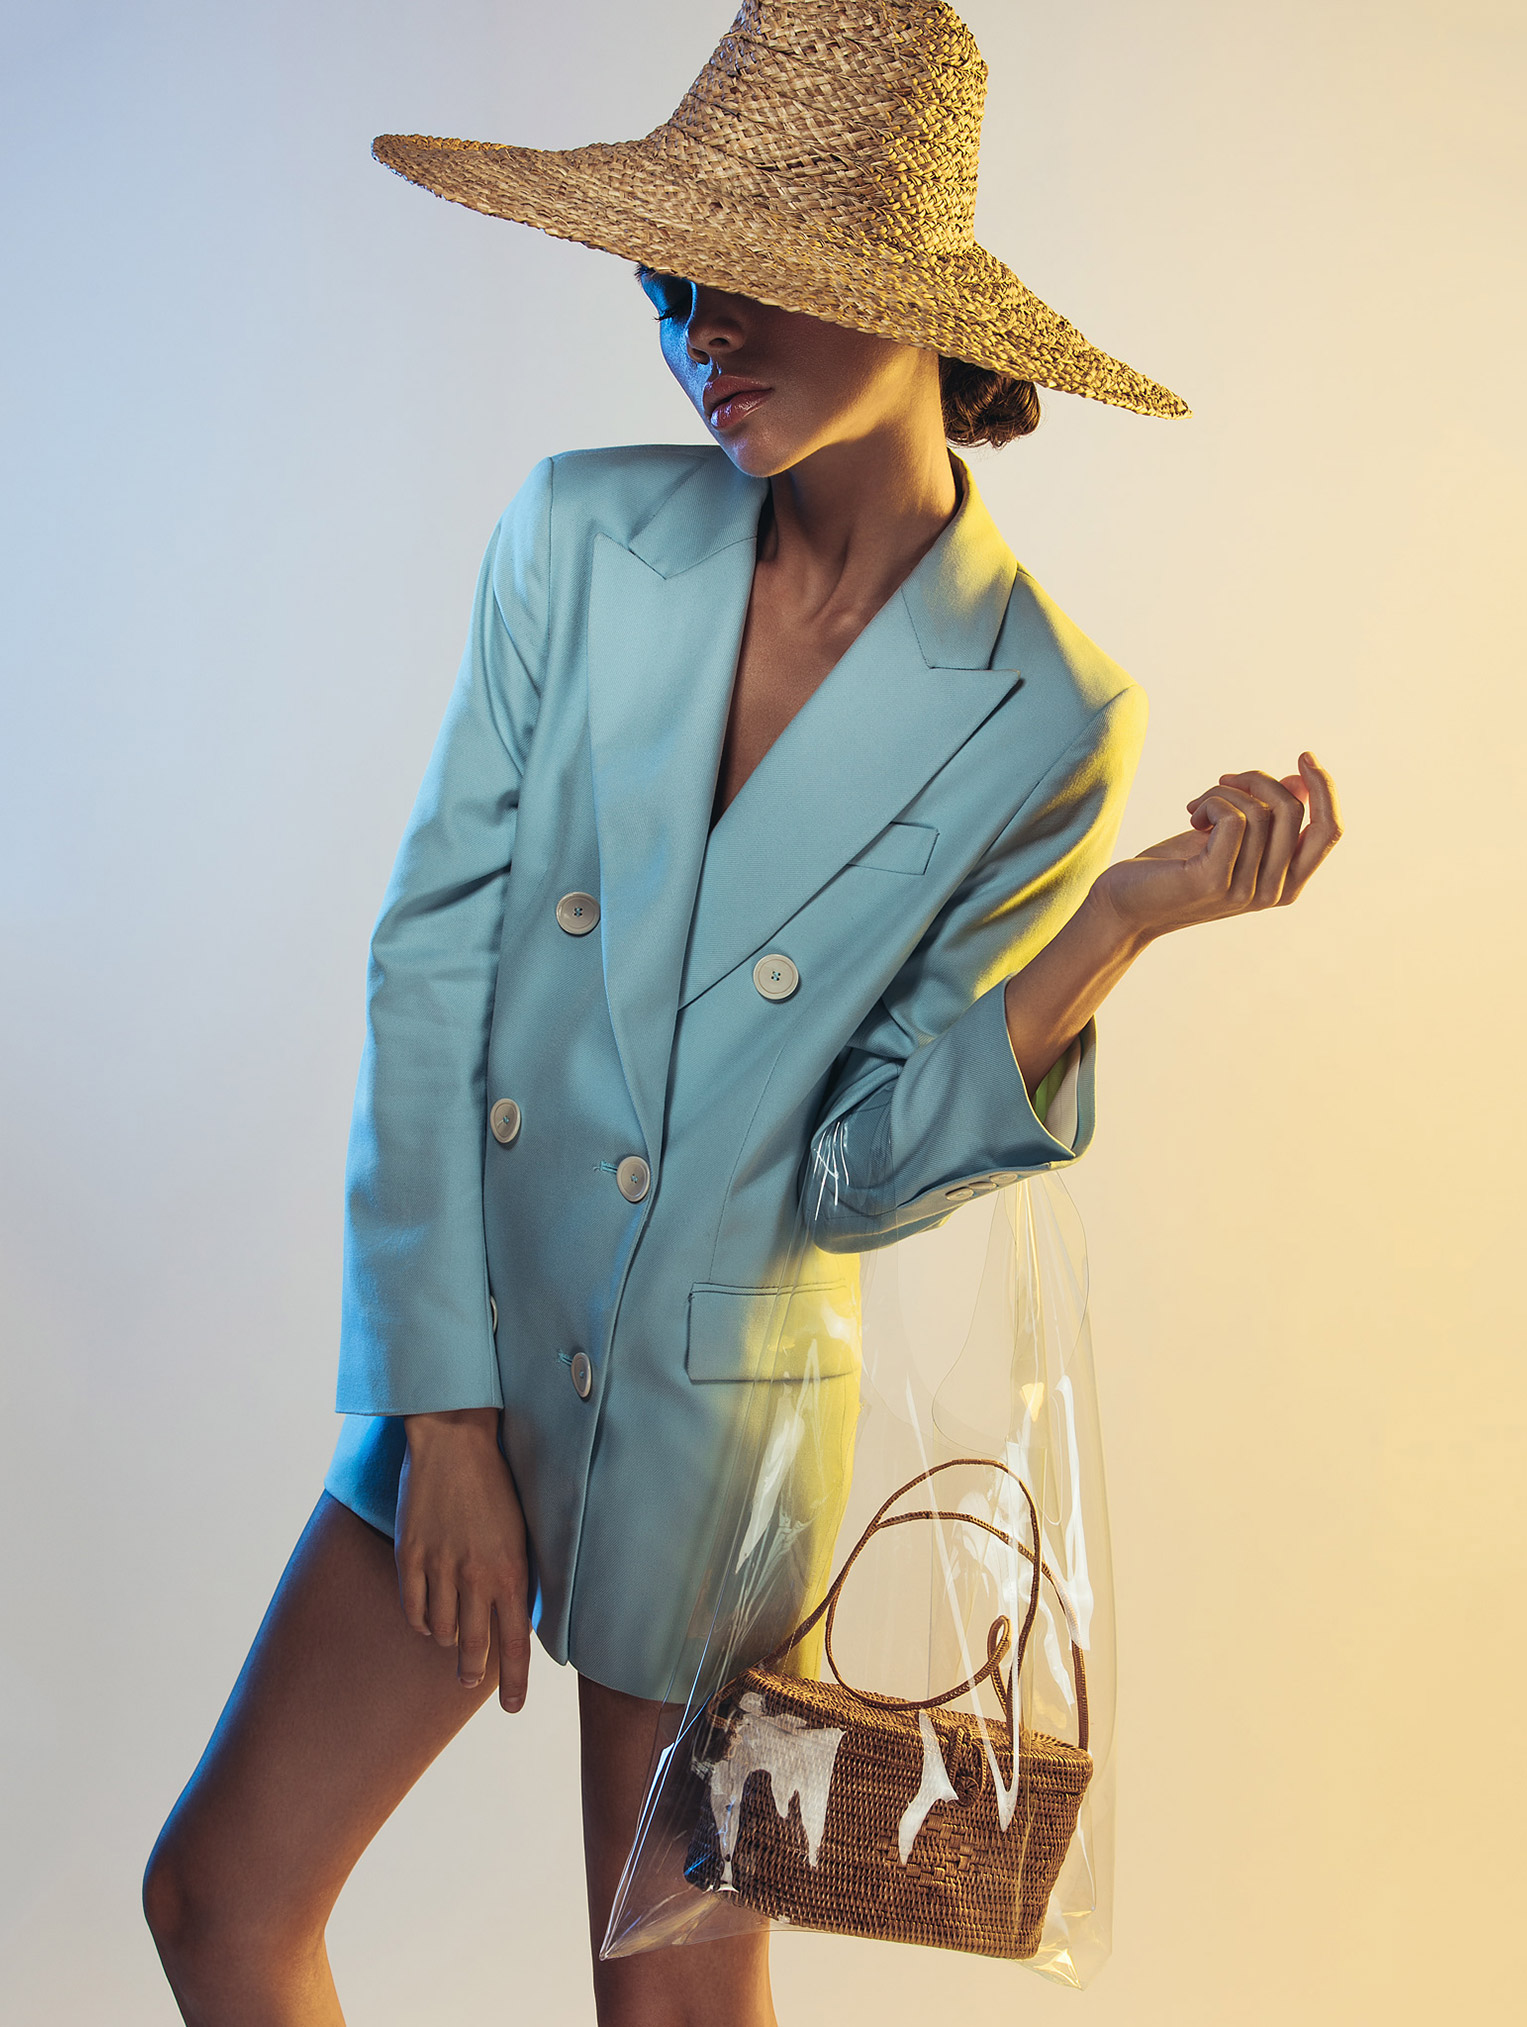 Джейн в каталоге модной одежды LouLou 2019 / фото 08